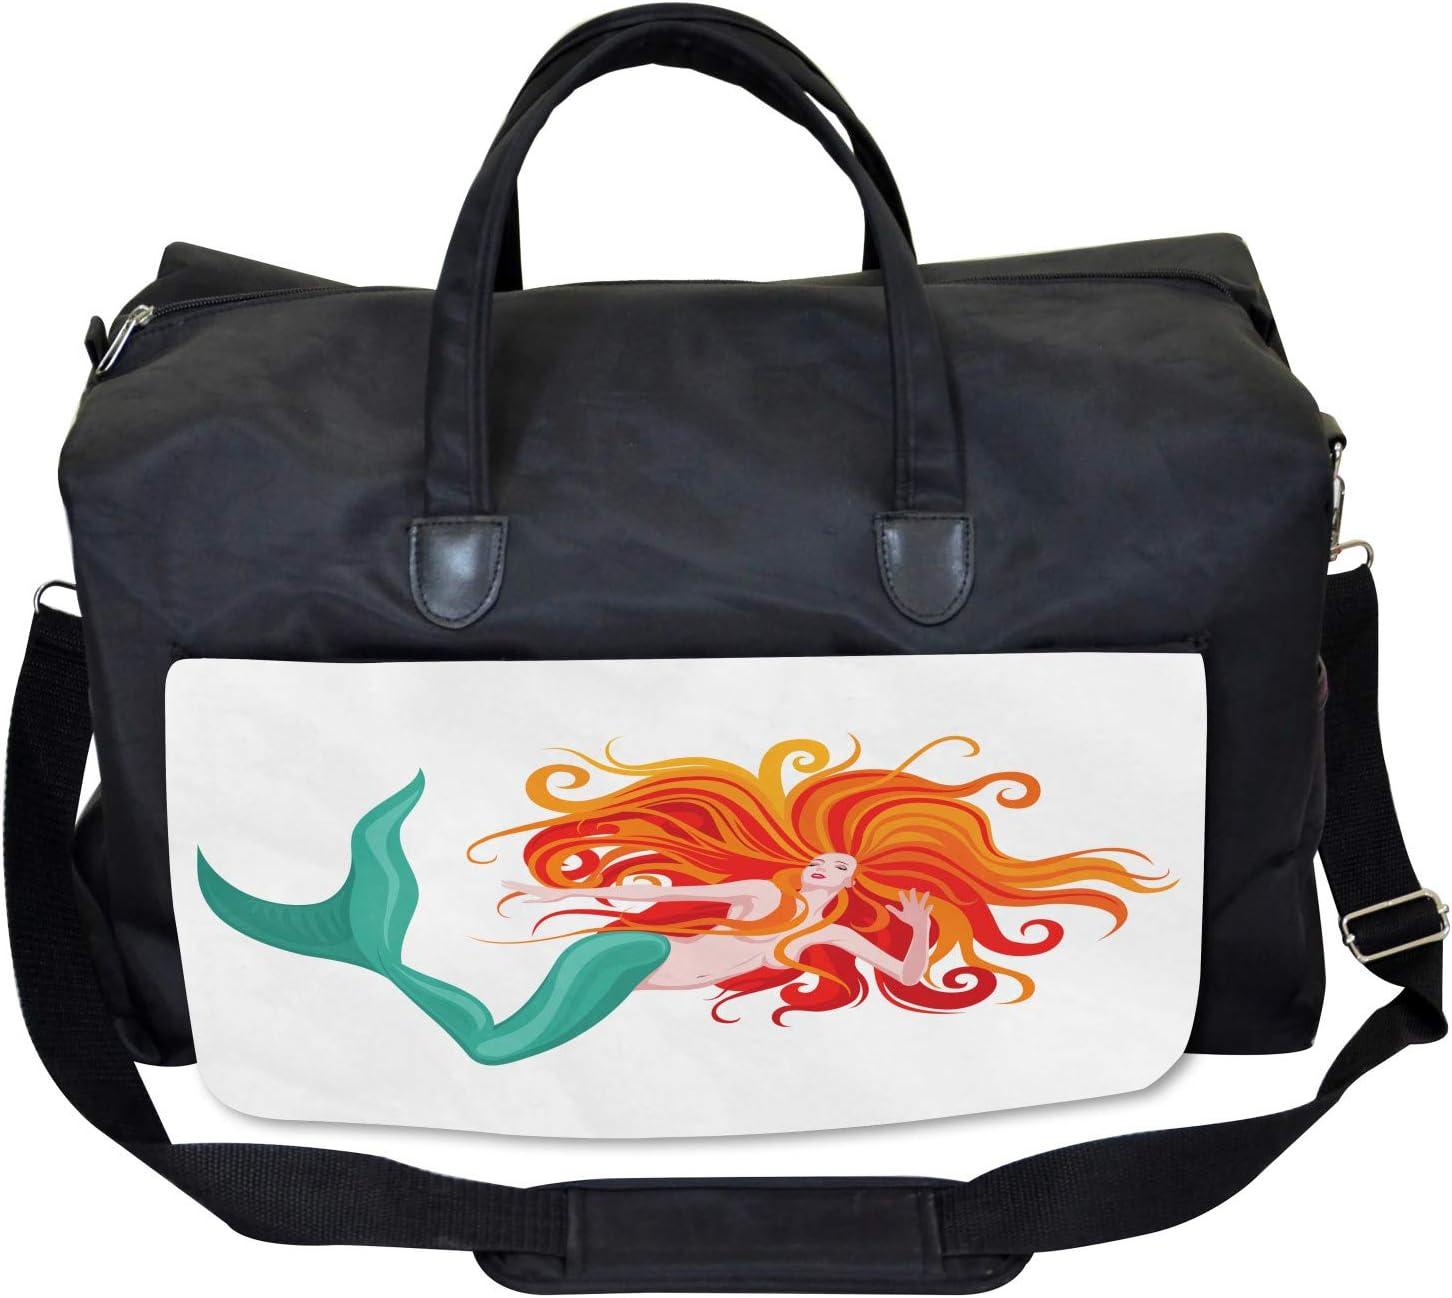 Large Weekender Carry-on Ambesonne Mermaid Gym Bag Fairytale Character